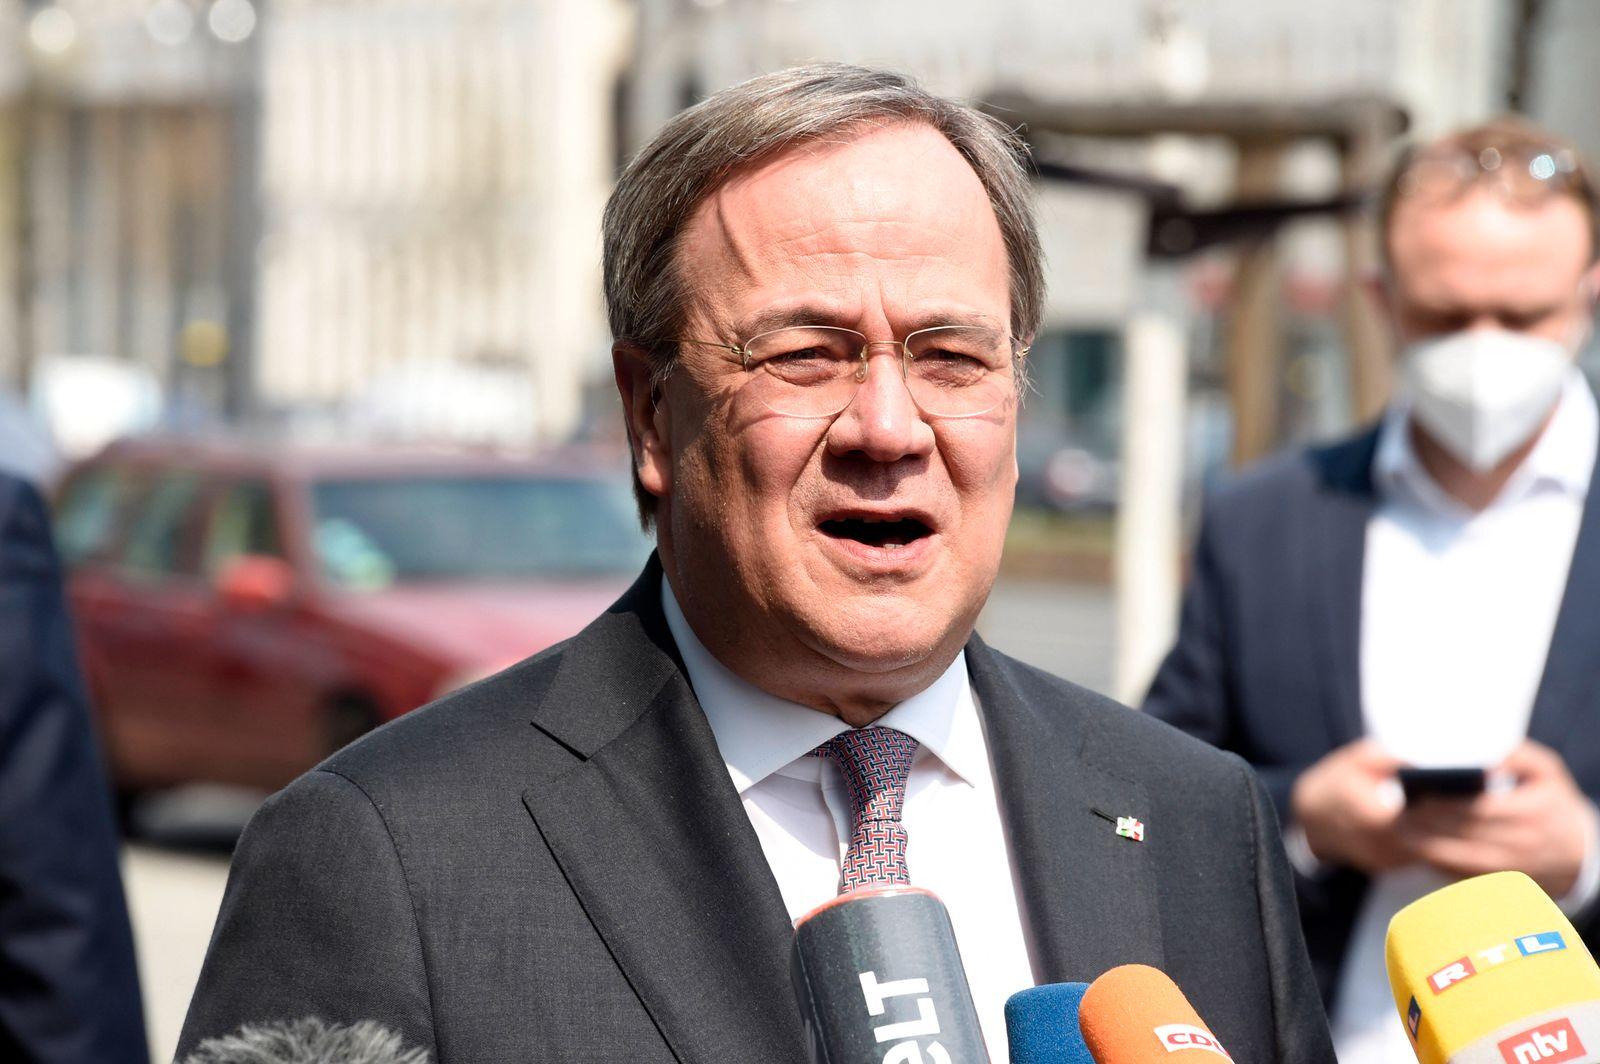 Armin Laschet bei einem Pressestatement zur Kanzlerkandidatur von Annalena Baerbock vor dem Konrad-Adenauer-Haus. Berli